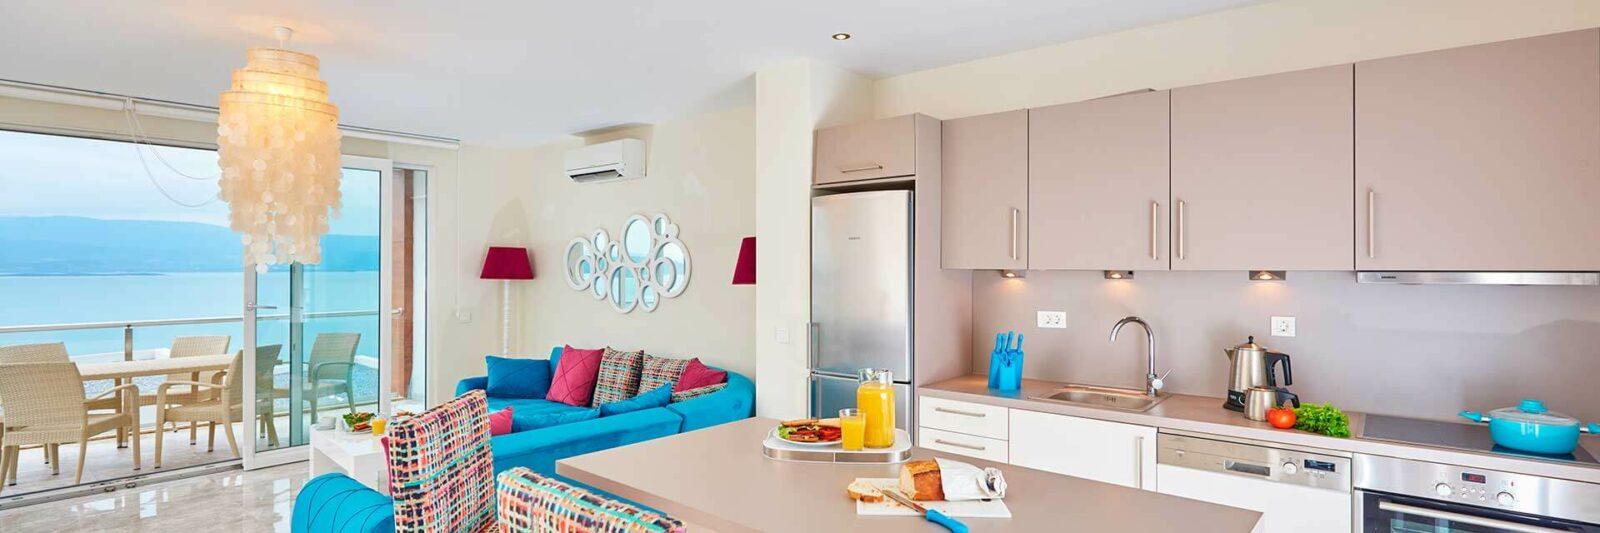 interior-casa-alquiler-apartamentos-turisticos-rent-tourist-apartment-cadihost_com